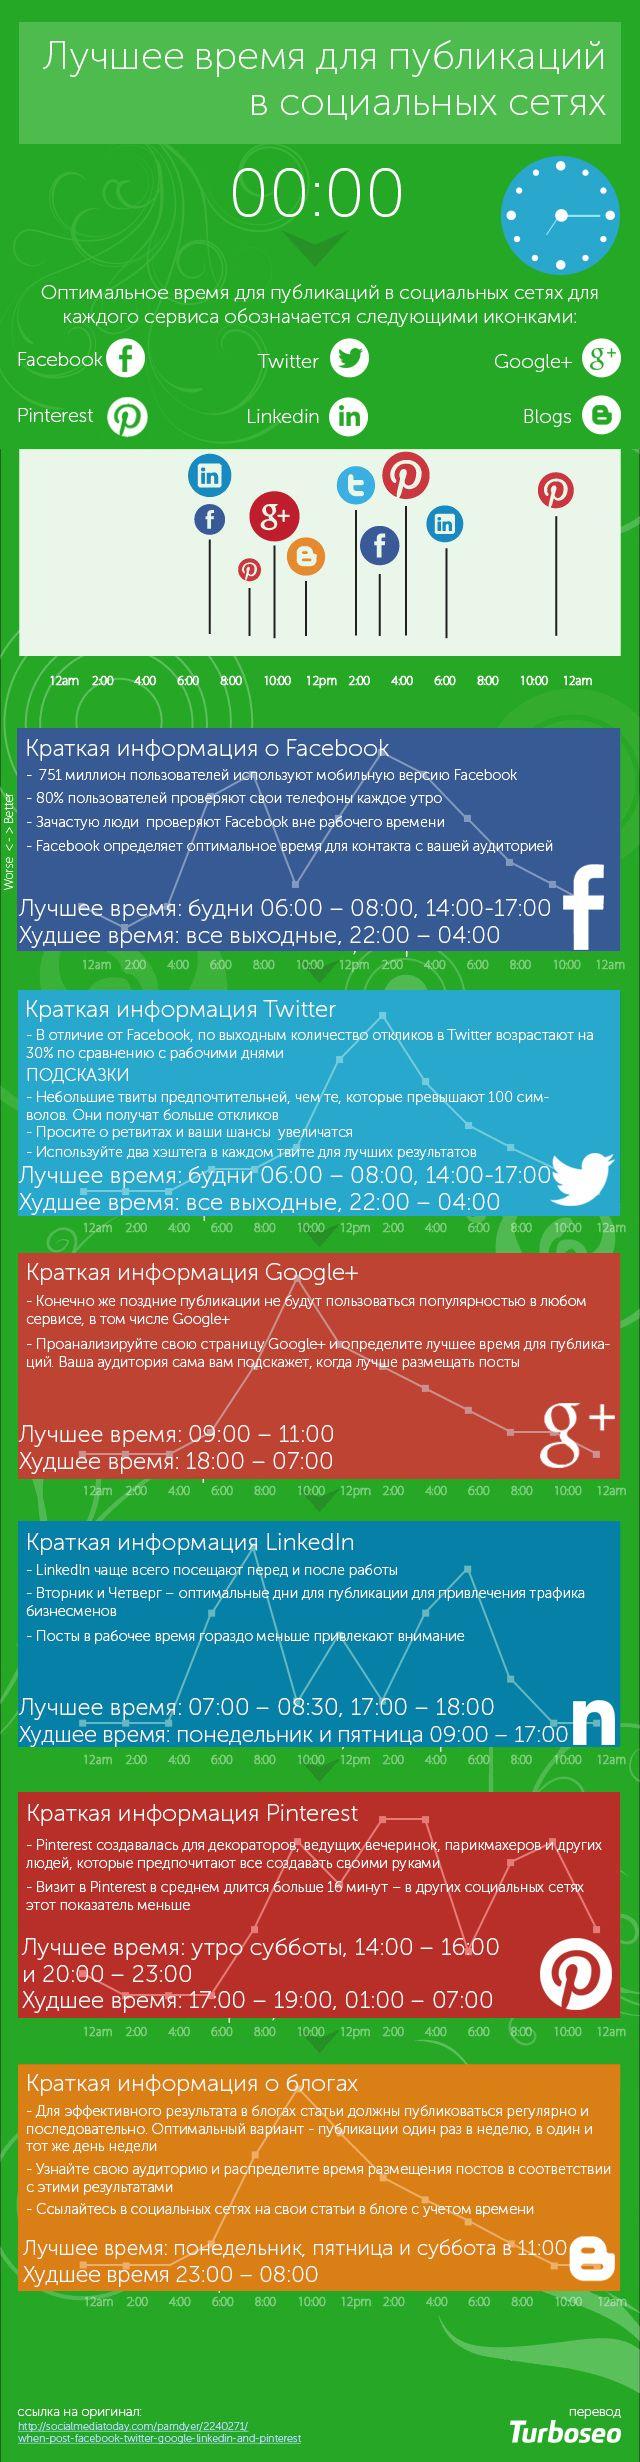 Лучшее время для размещения публикаций в #Facebook, #Twitter, #Google+, #Linkedln, #Pinterest